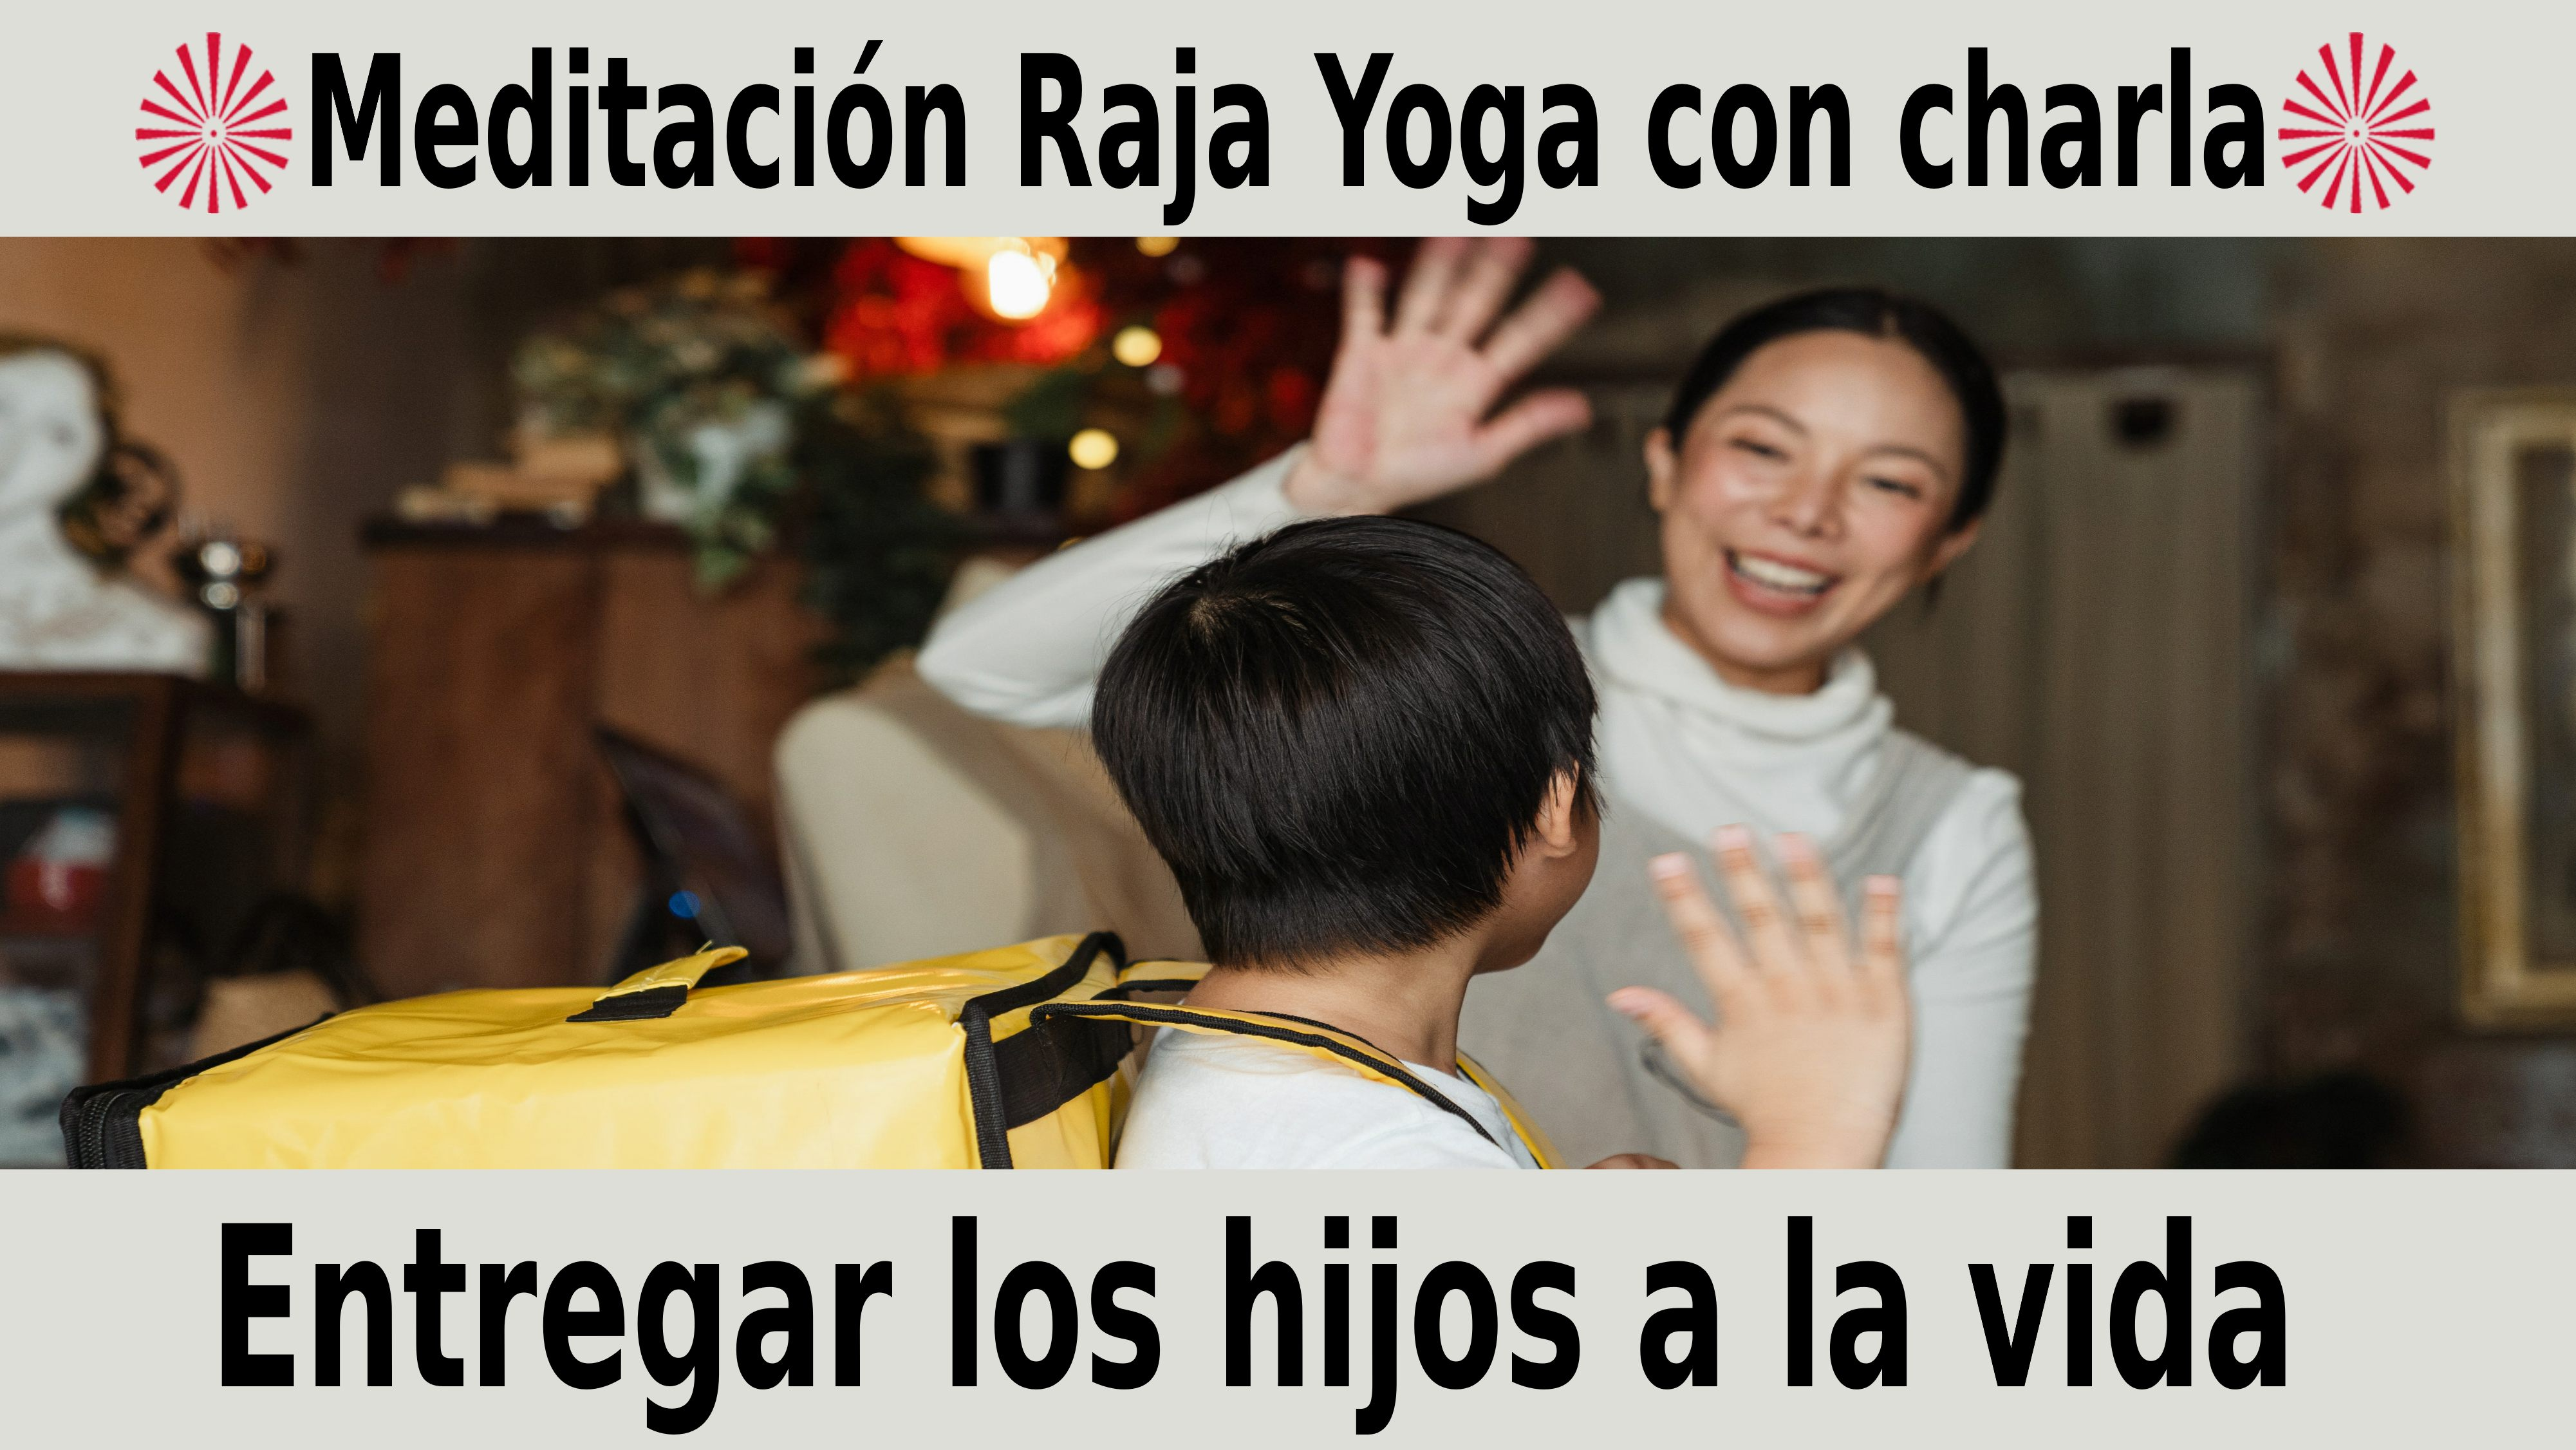 Meditación Raja Yoga con charla: Entregar los hijos a la vida (24 Noviembre 2020) On-line desde Canarias